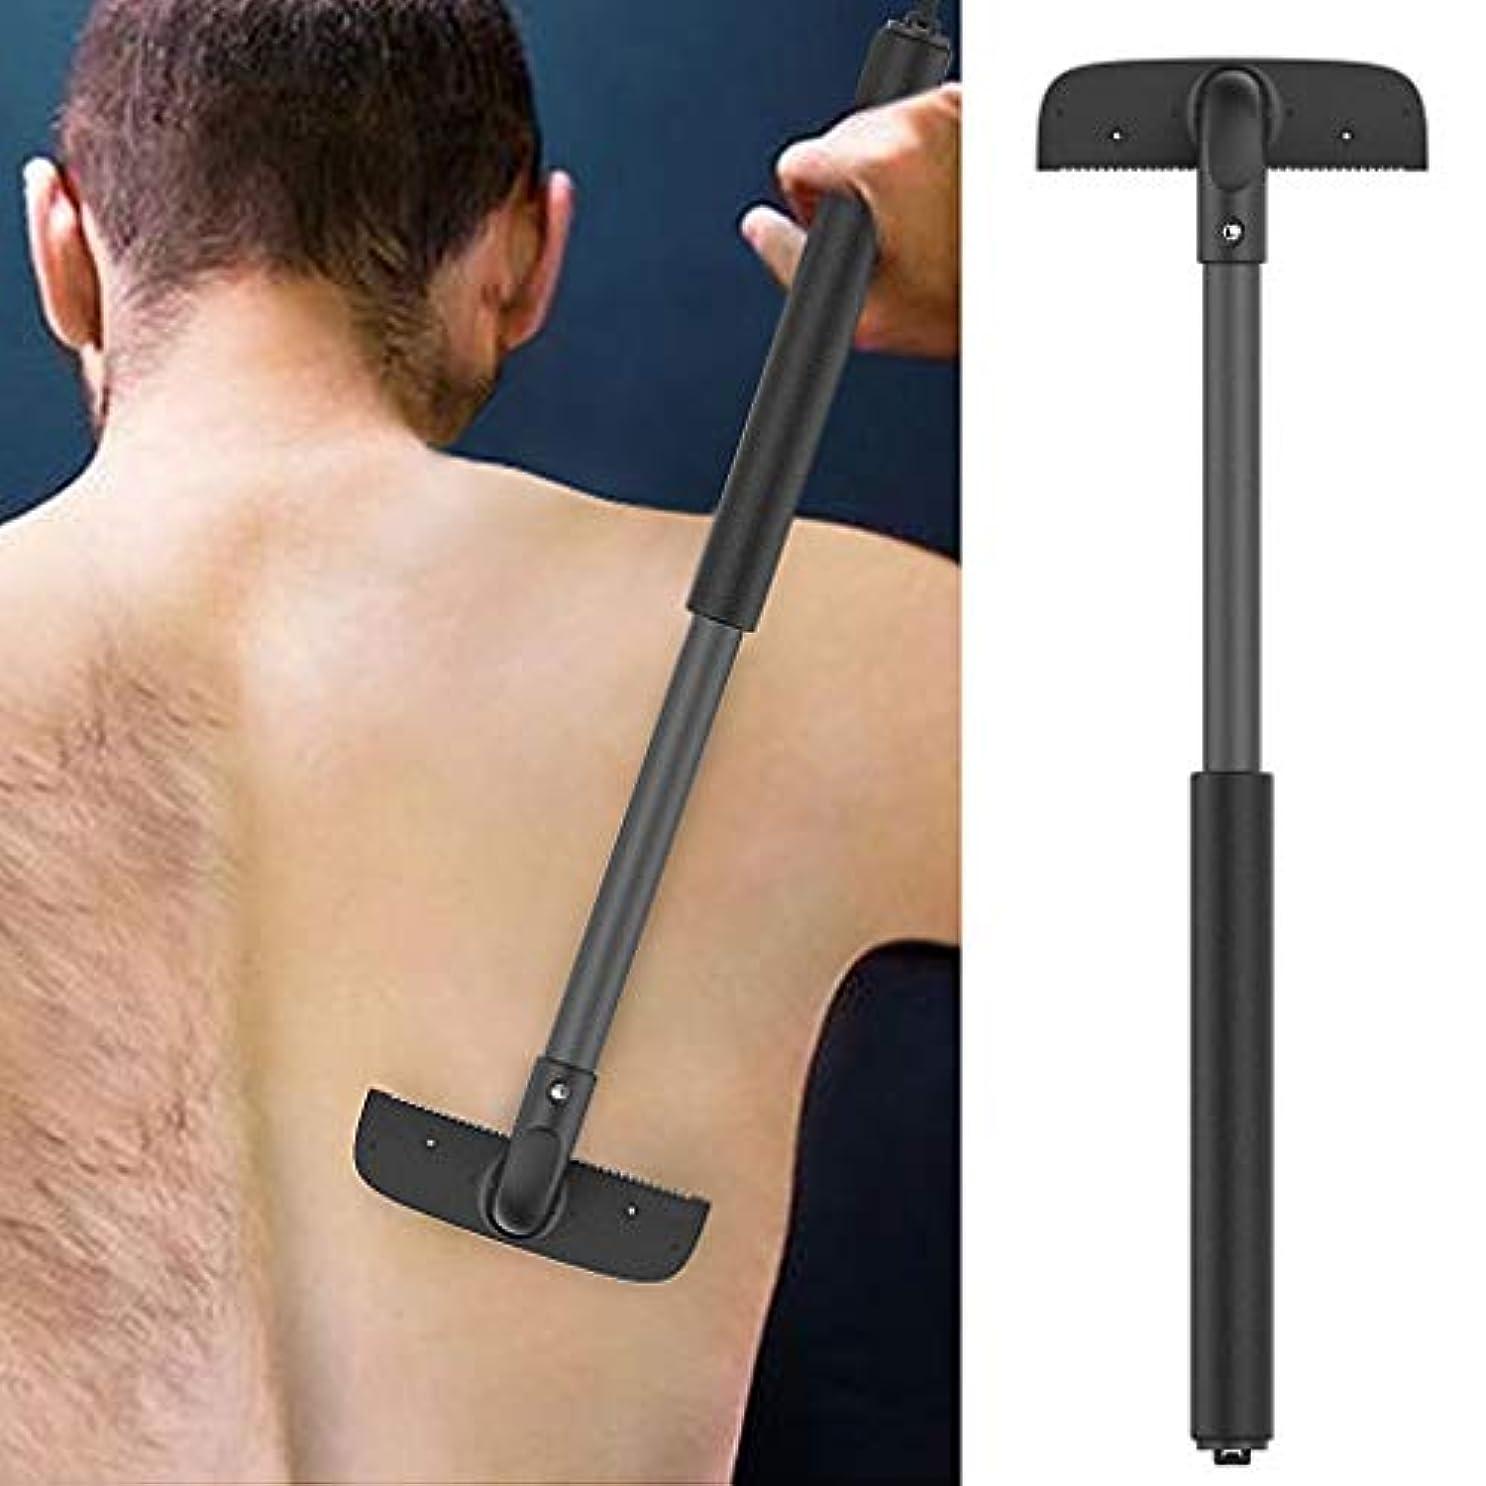 本を読む寓話通知Back Hair Removal And Body Shaver、バックヘアとボディシェーバー、男性のための剃刀、調節可能なハンドル、伸縮可能なトリマー剃刀脱毛装置 除毛 ムダ毛処理